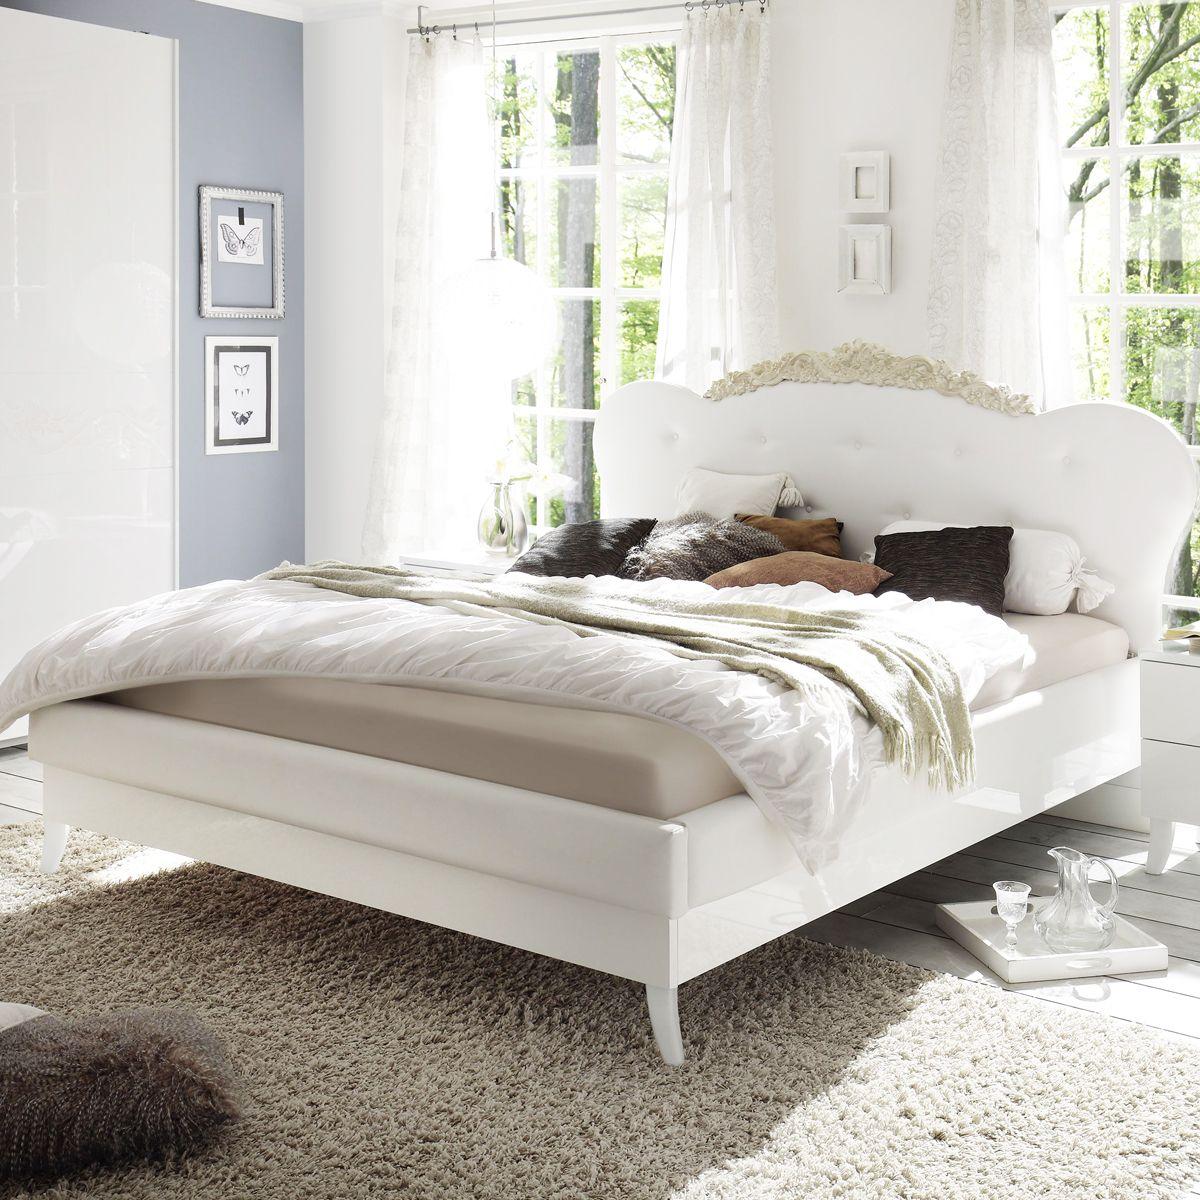 Königlicher Style für Dein Schlafzimmer. Echt